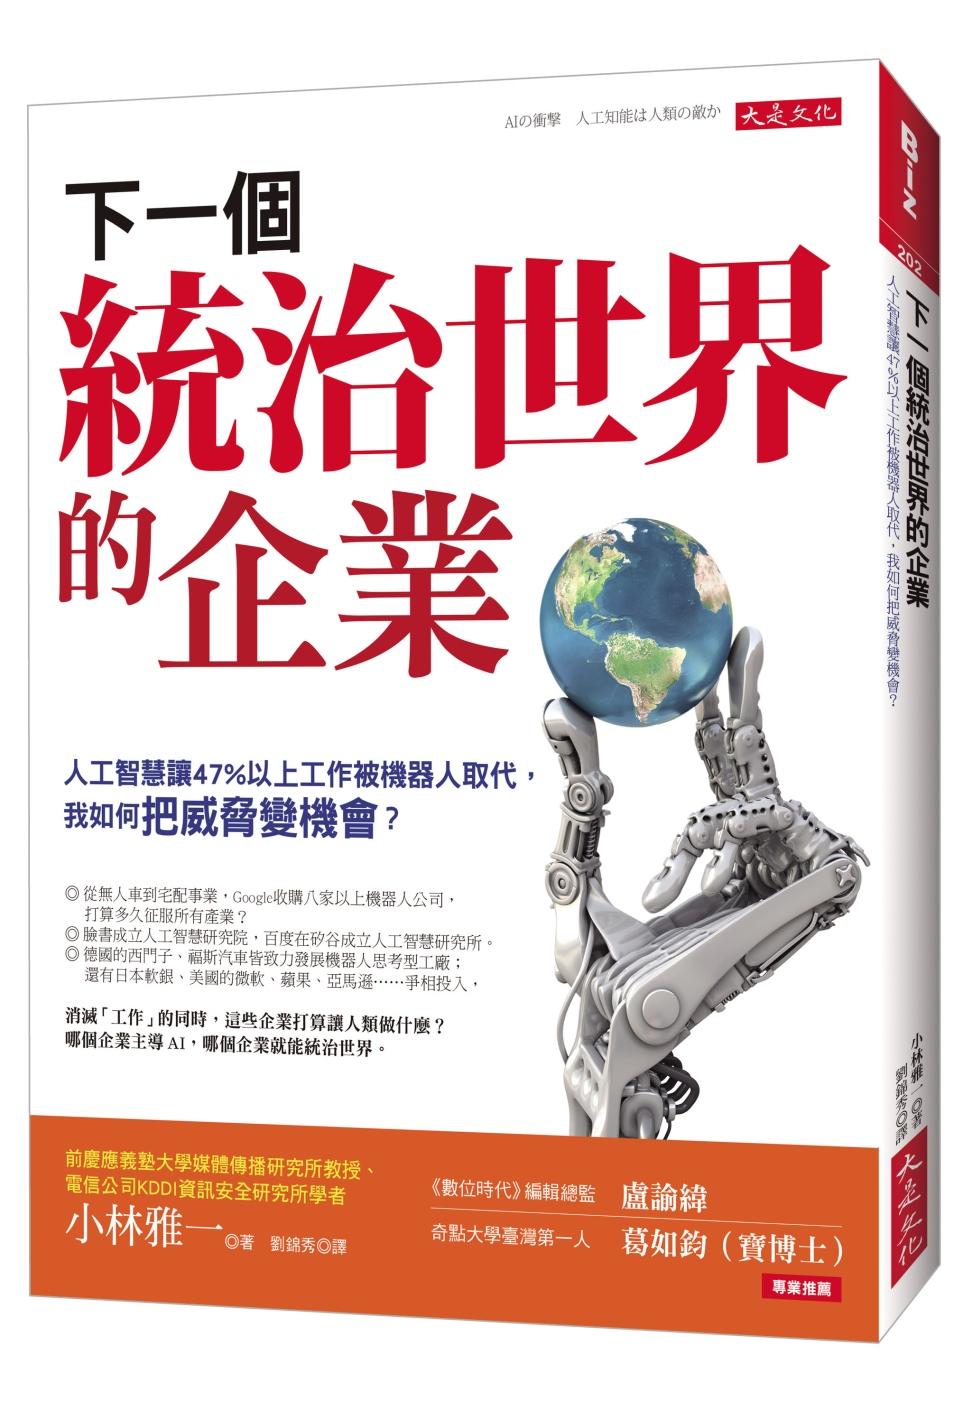 下一個統治世界的...